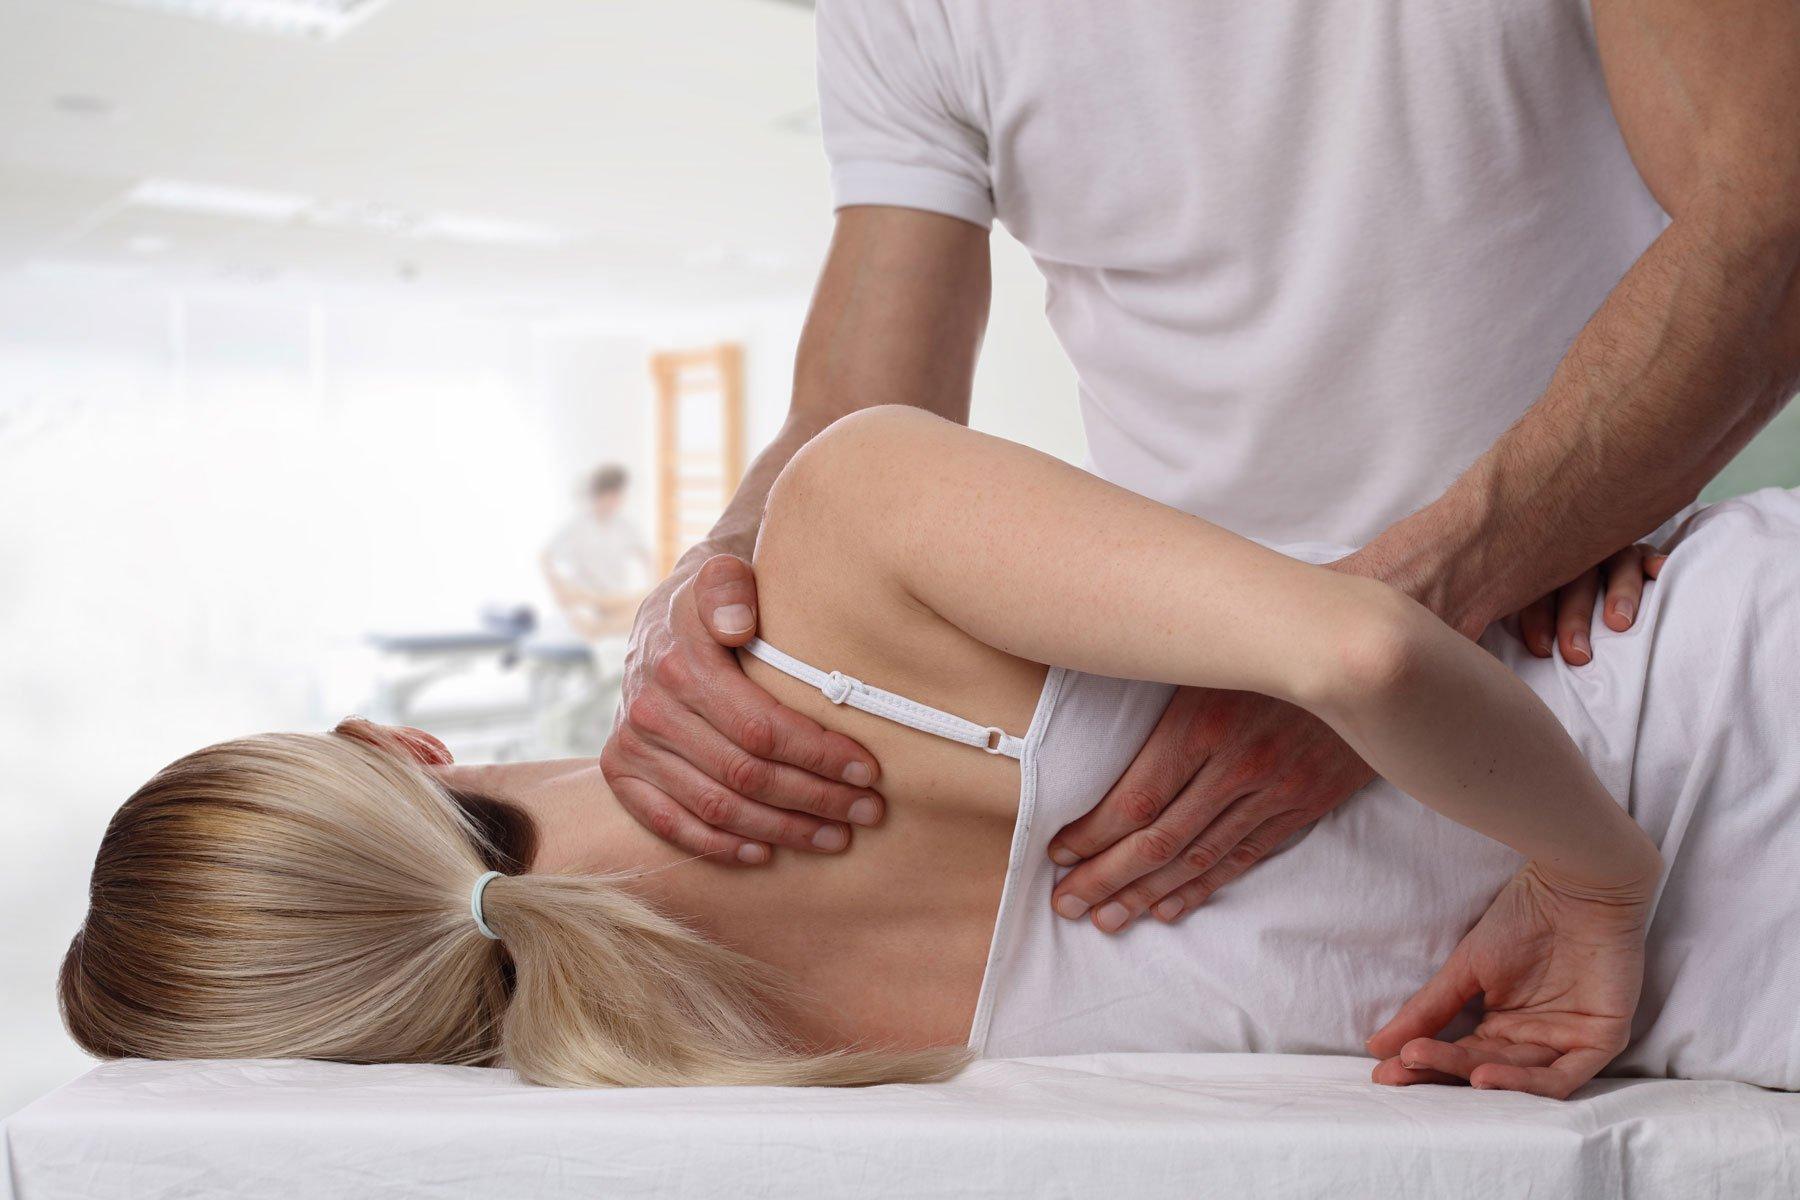 La massoterapia si configura come una pratica fisioterapica incentrata sui massaggi, insistenti su determinate regioni del corpo.